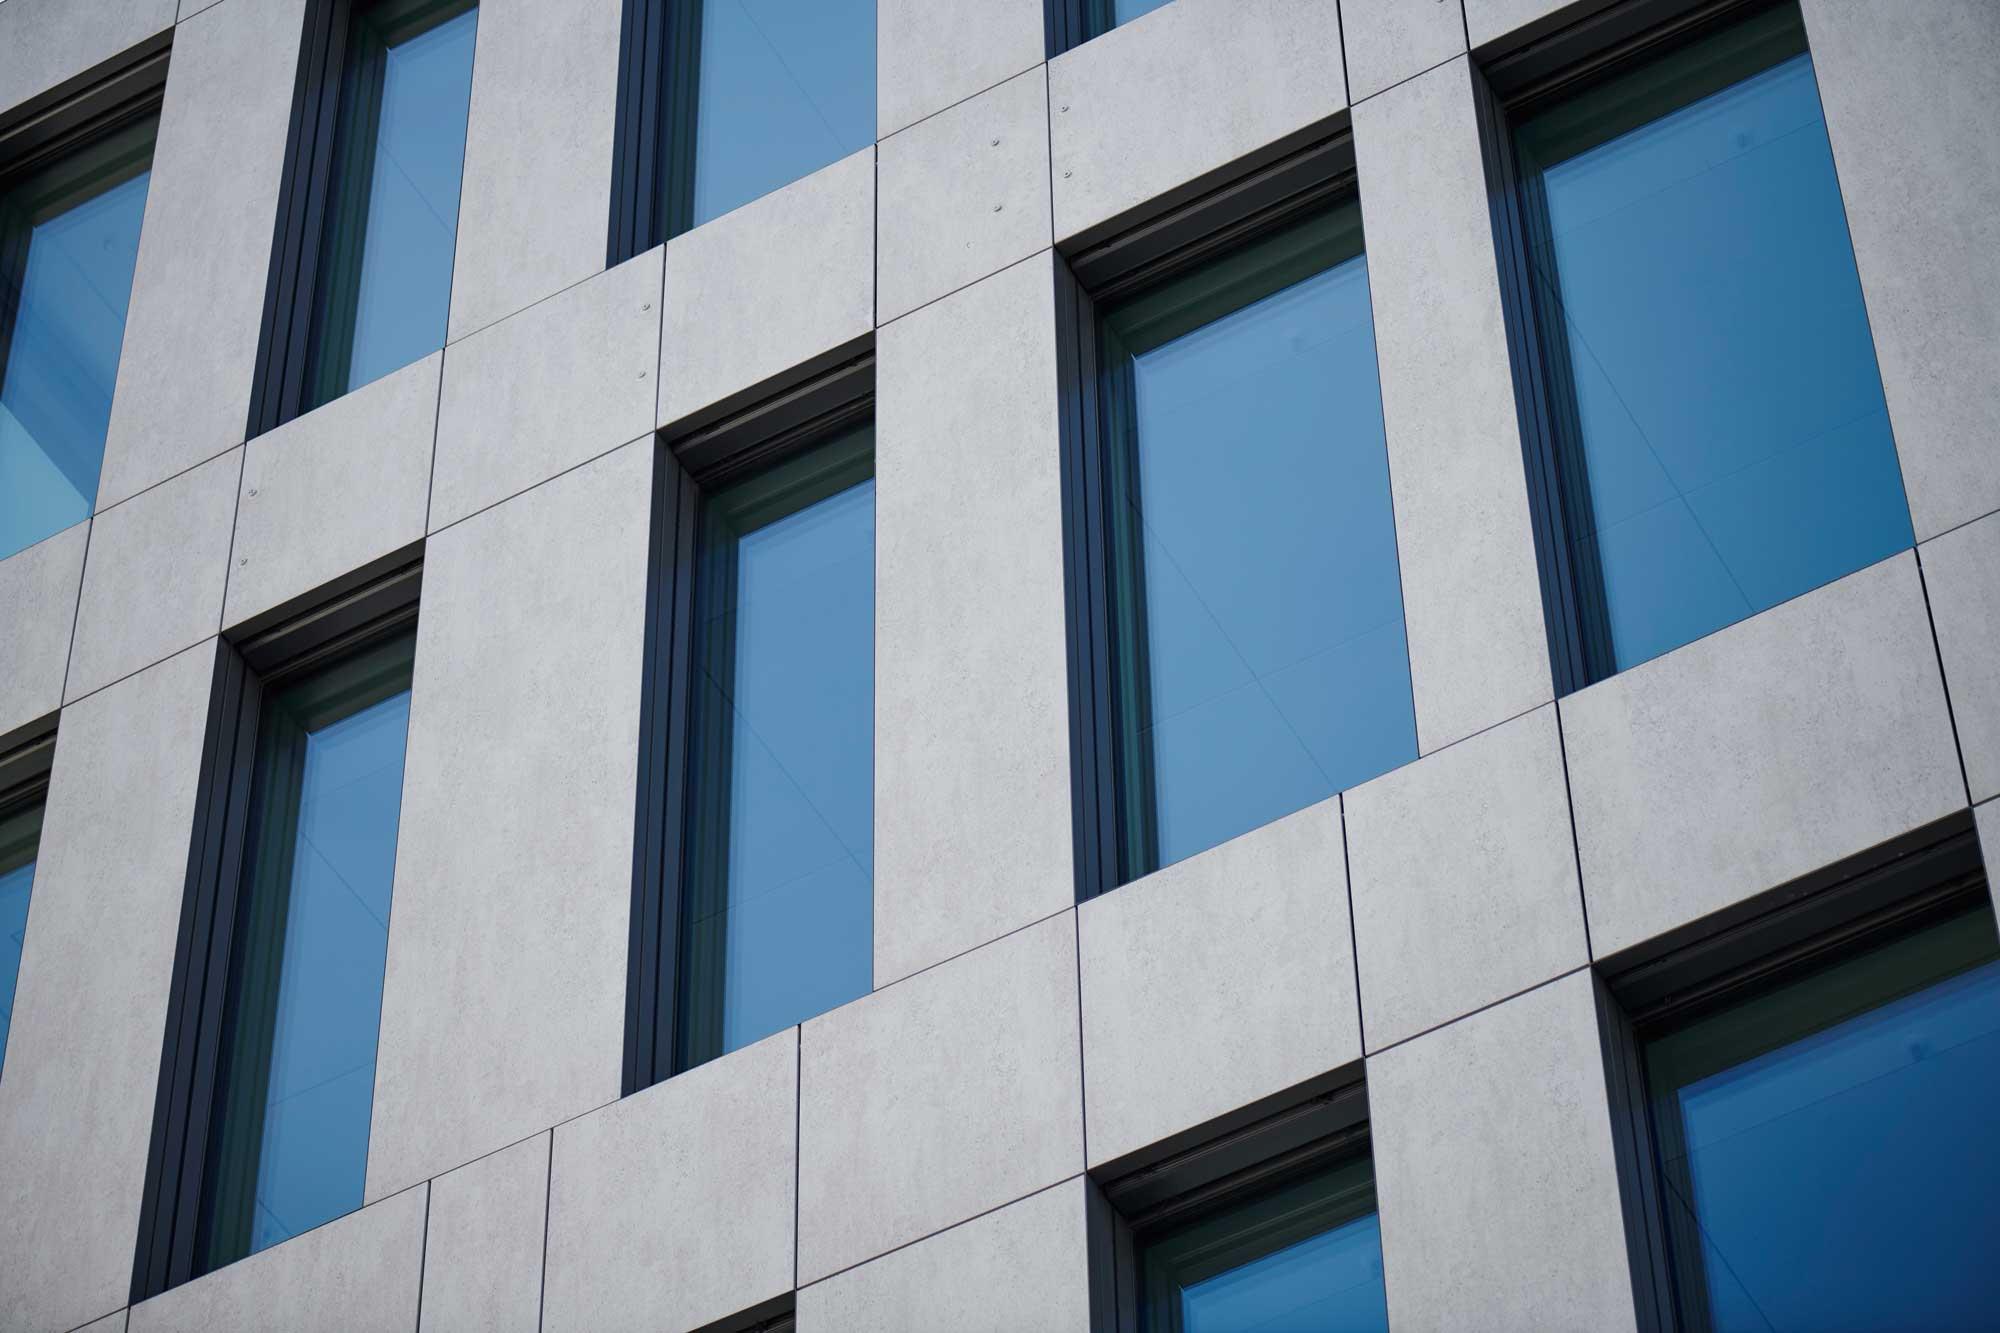 Interview mit Architekt Walter Schelle – DEKTON- Ästhetisch und funktional  - 20200710 Kap West  Munchen 0523 49